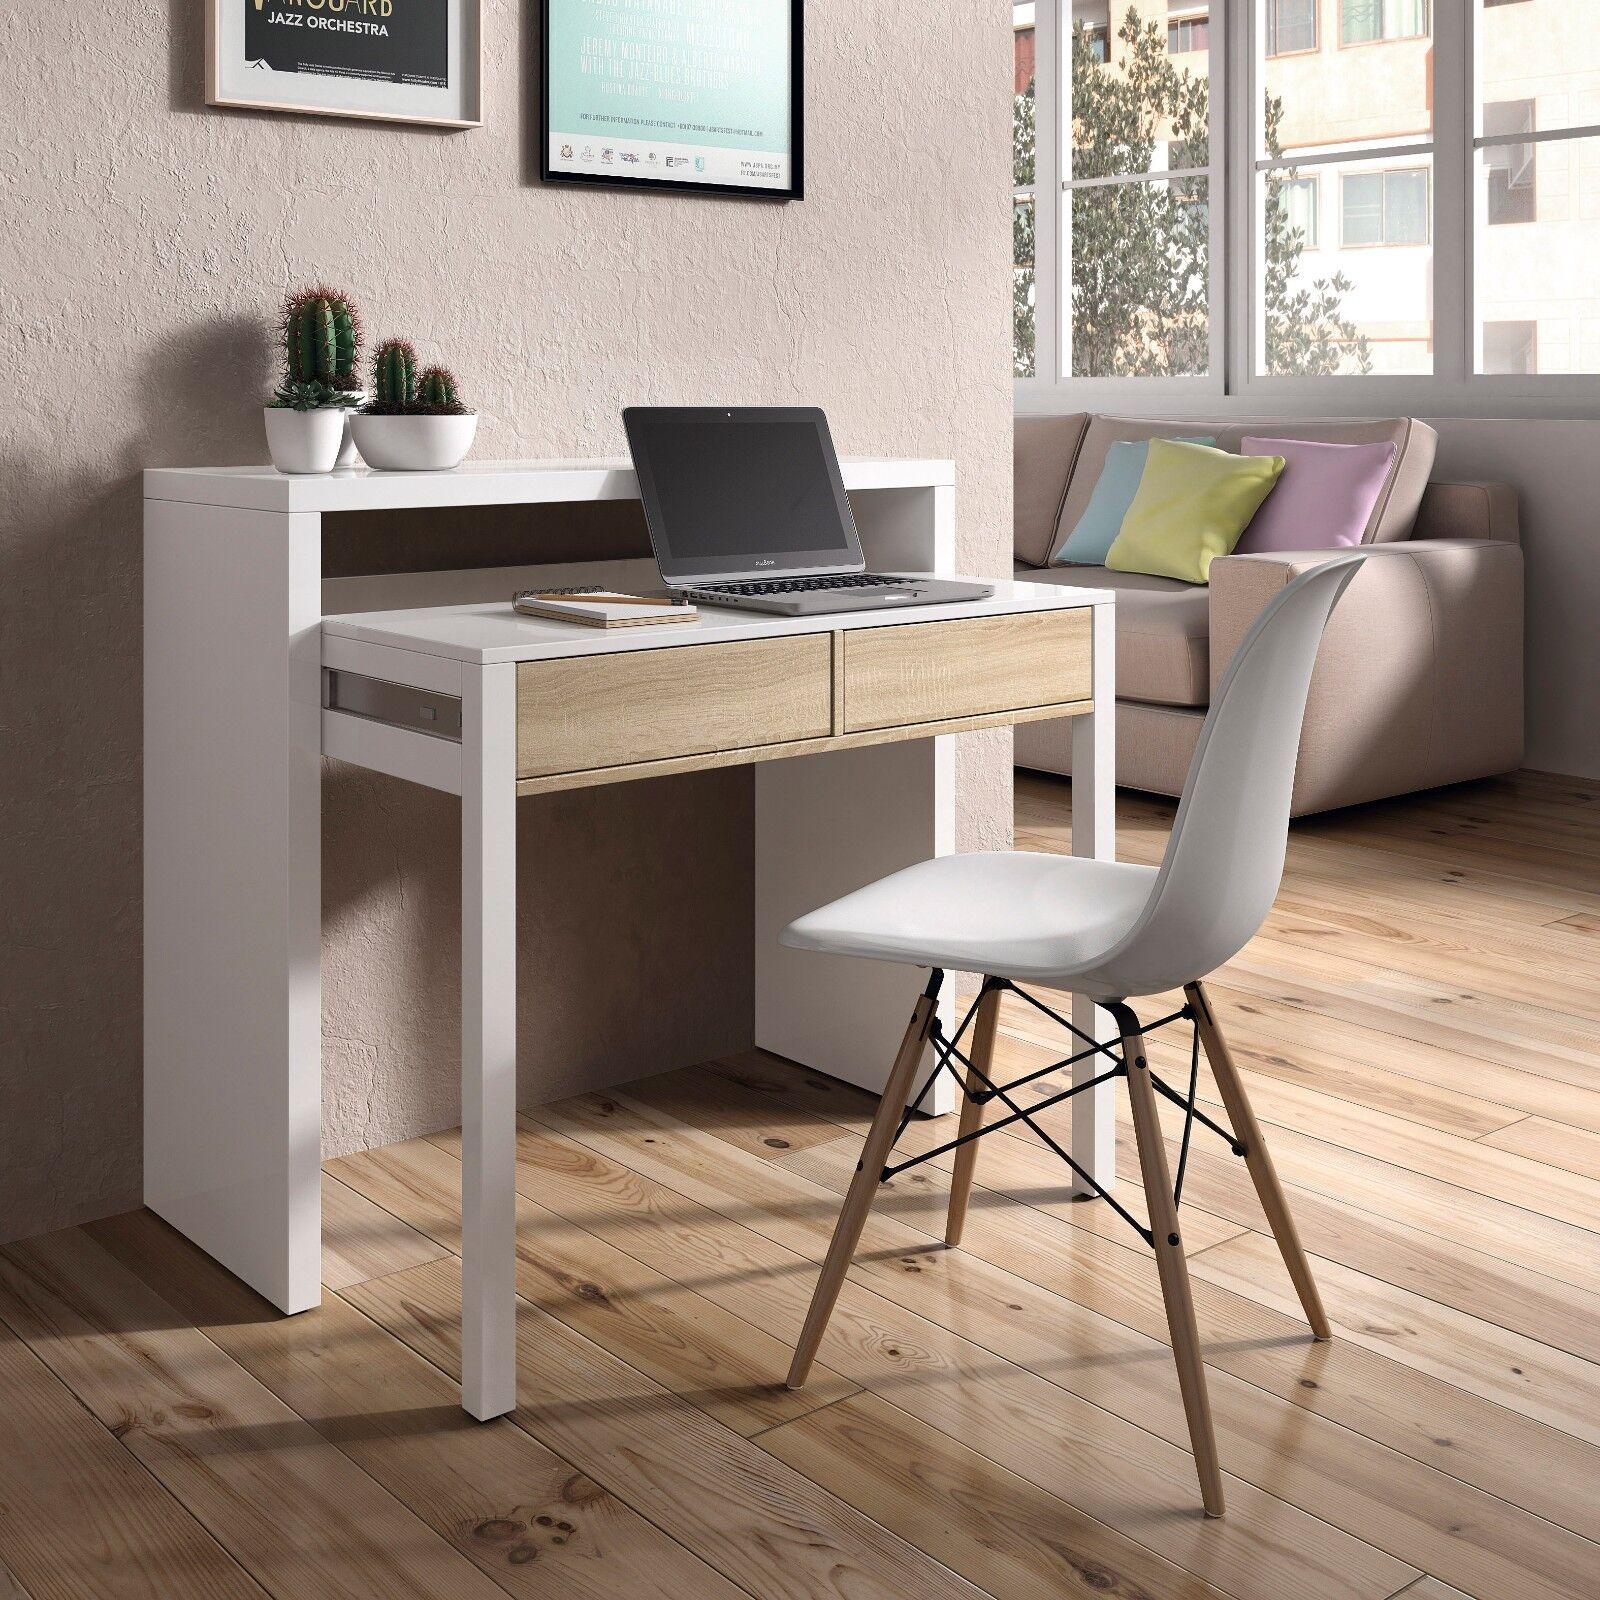 Mesa consola escritorio mesa extensible mesa para